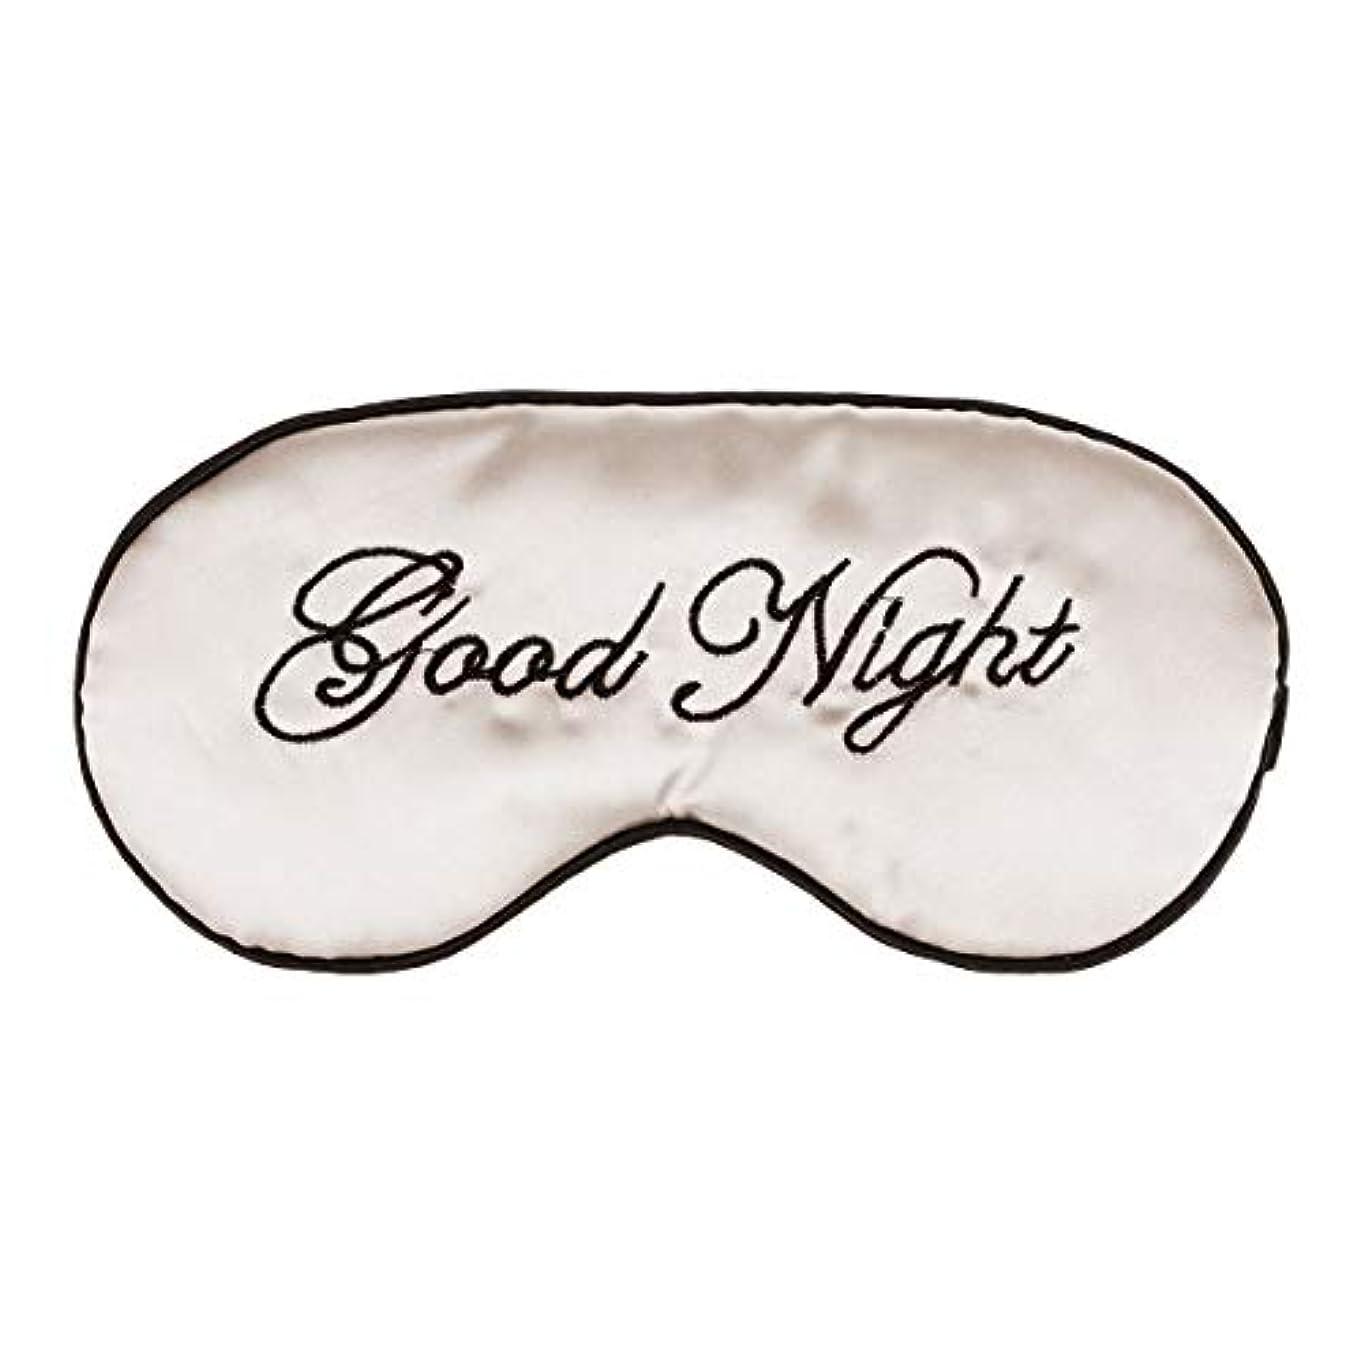 ヒールスチュワードオセアニアSUPVOX シルクスリーピングマスク 刺繍スタイル 睡眠 アイマスク 軽量 アイマスク 遮光 圧迫感なし 疲れ目 睡眠 旅行 仮 眠 疲労回復に最適 無地(ベージュ)